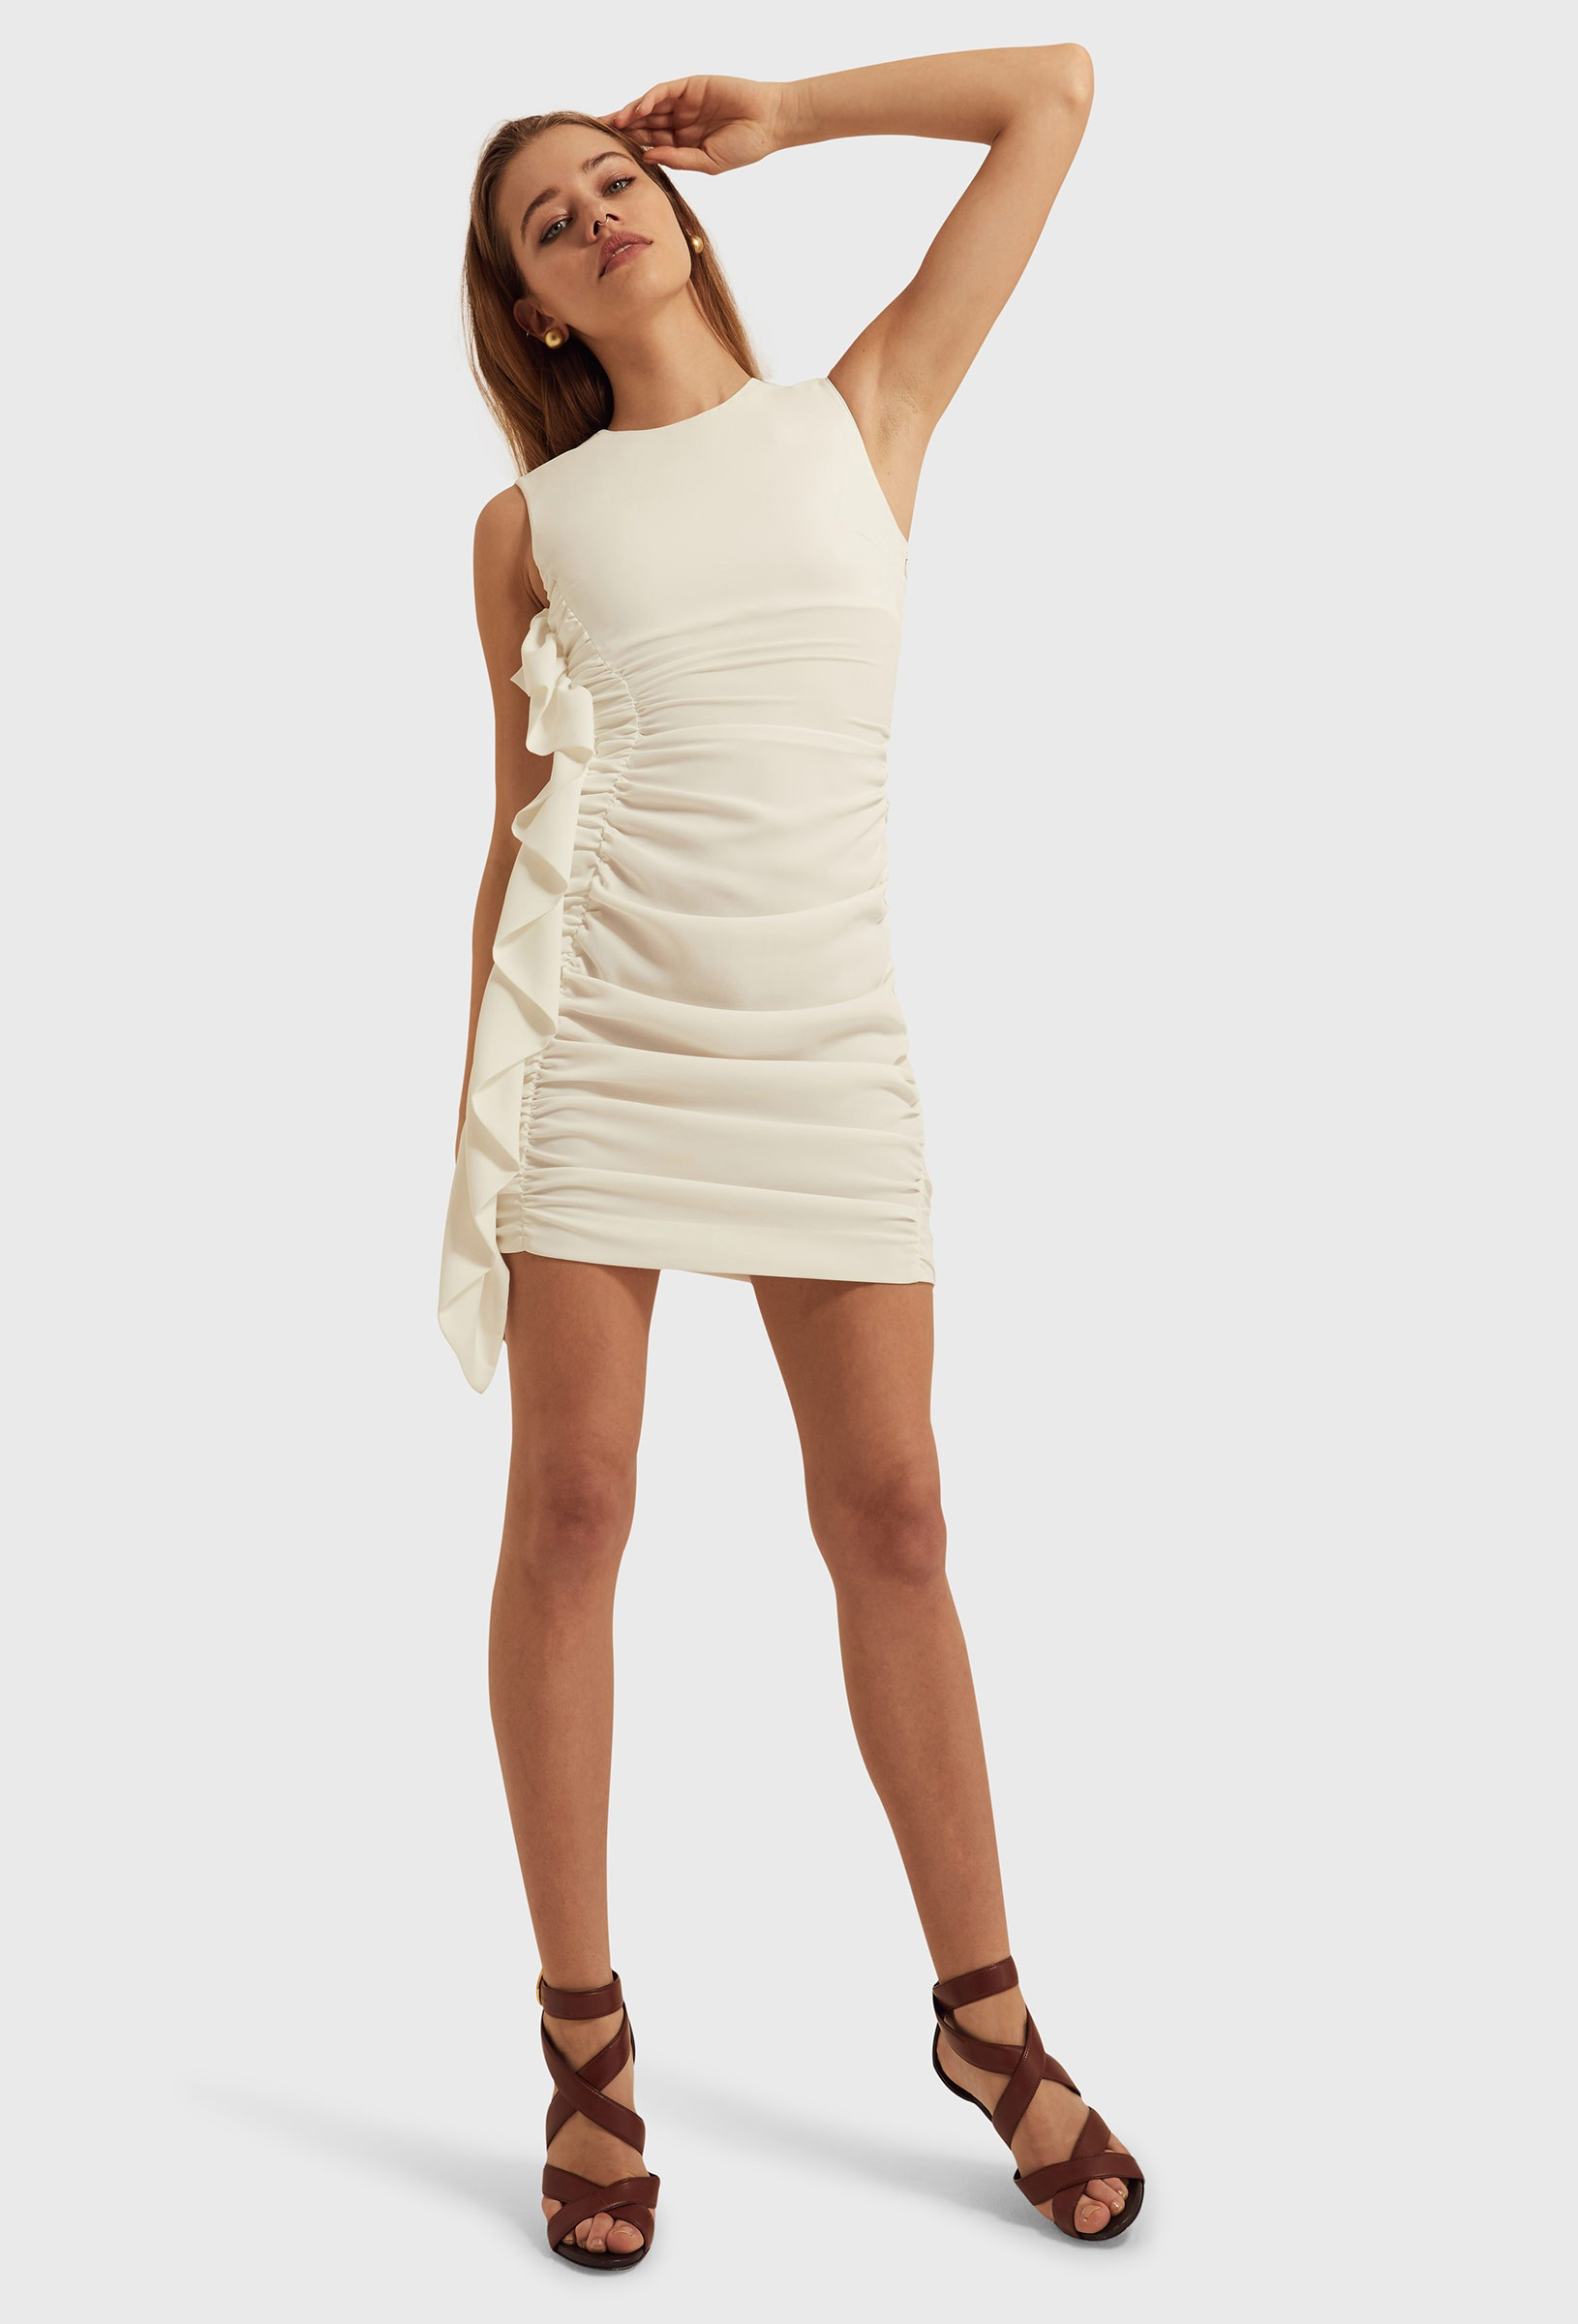 macey_dress_white_0375_2